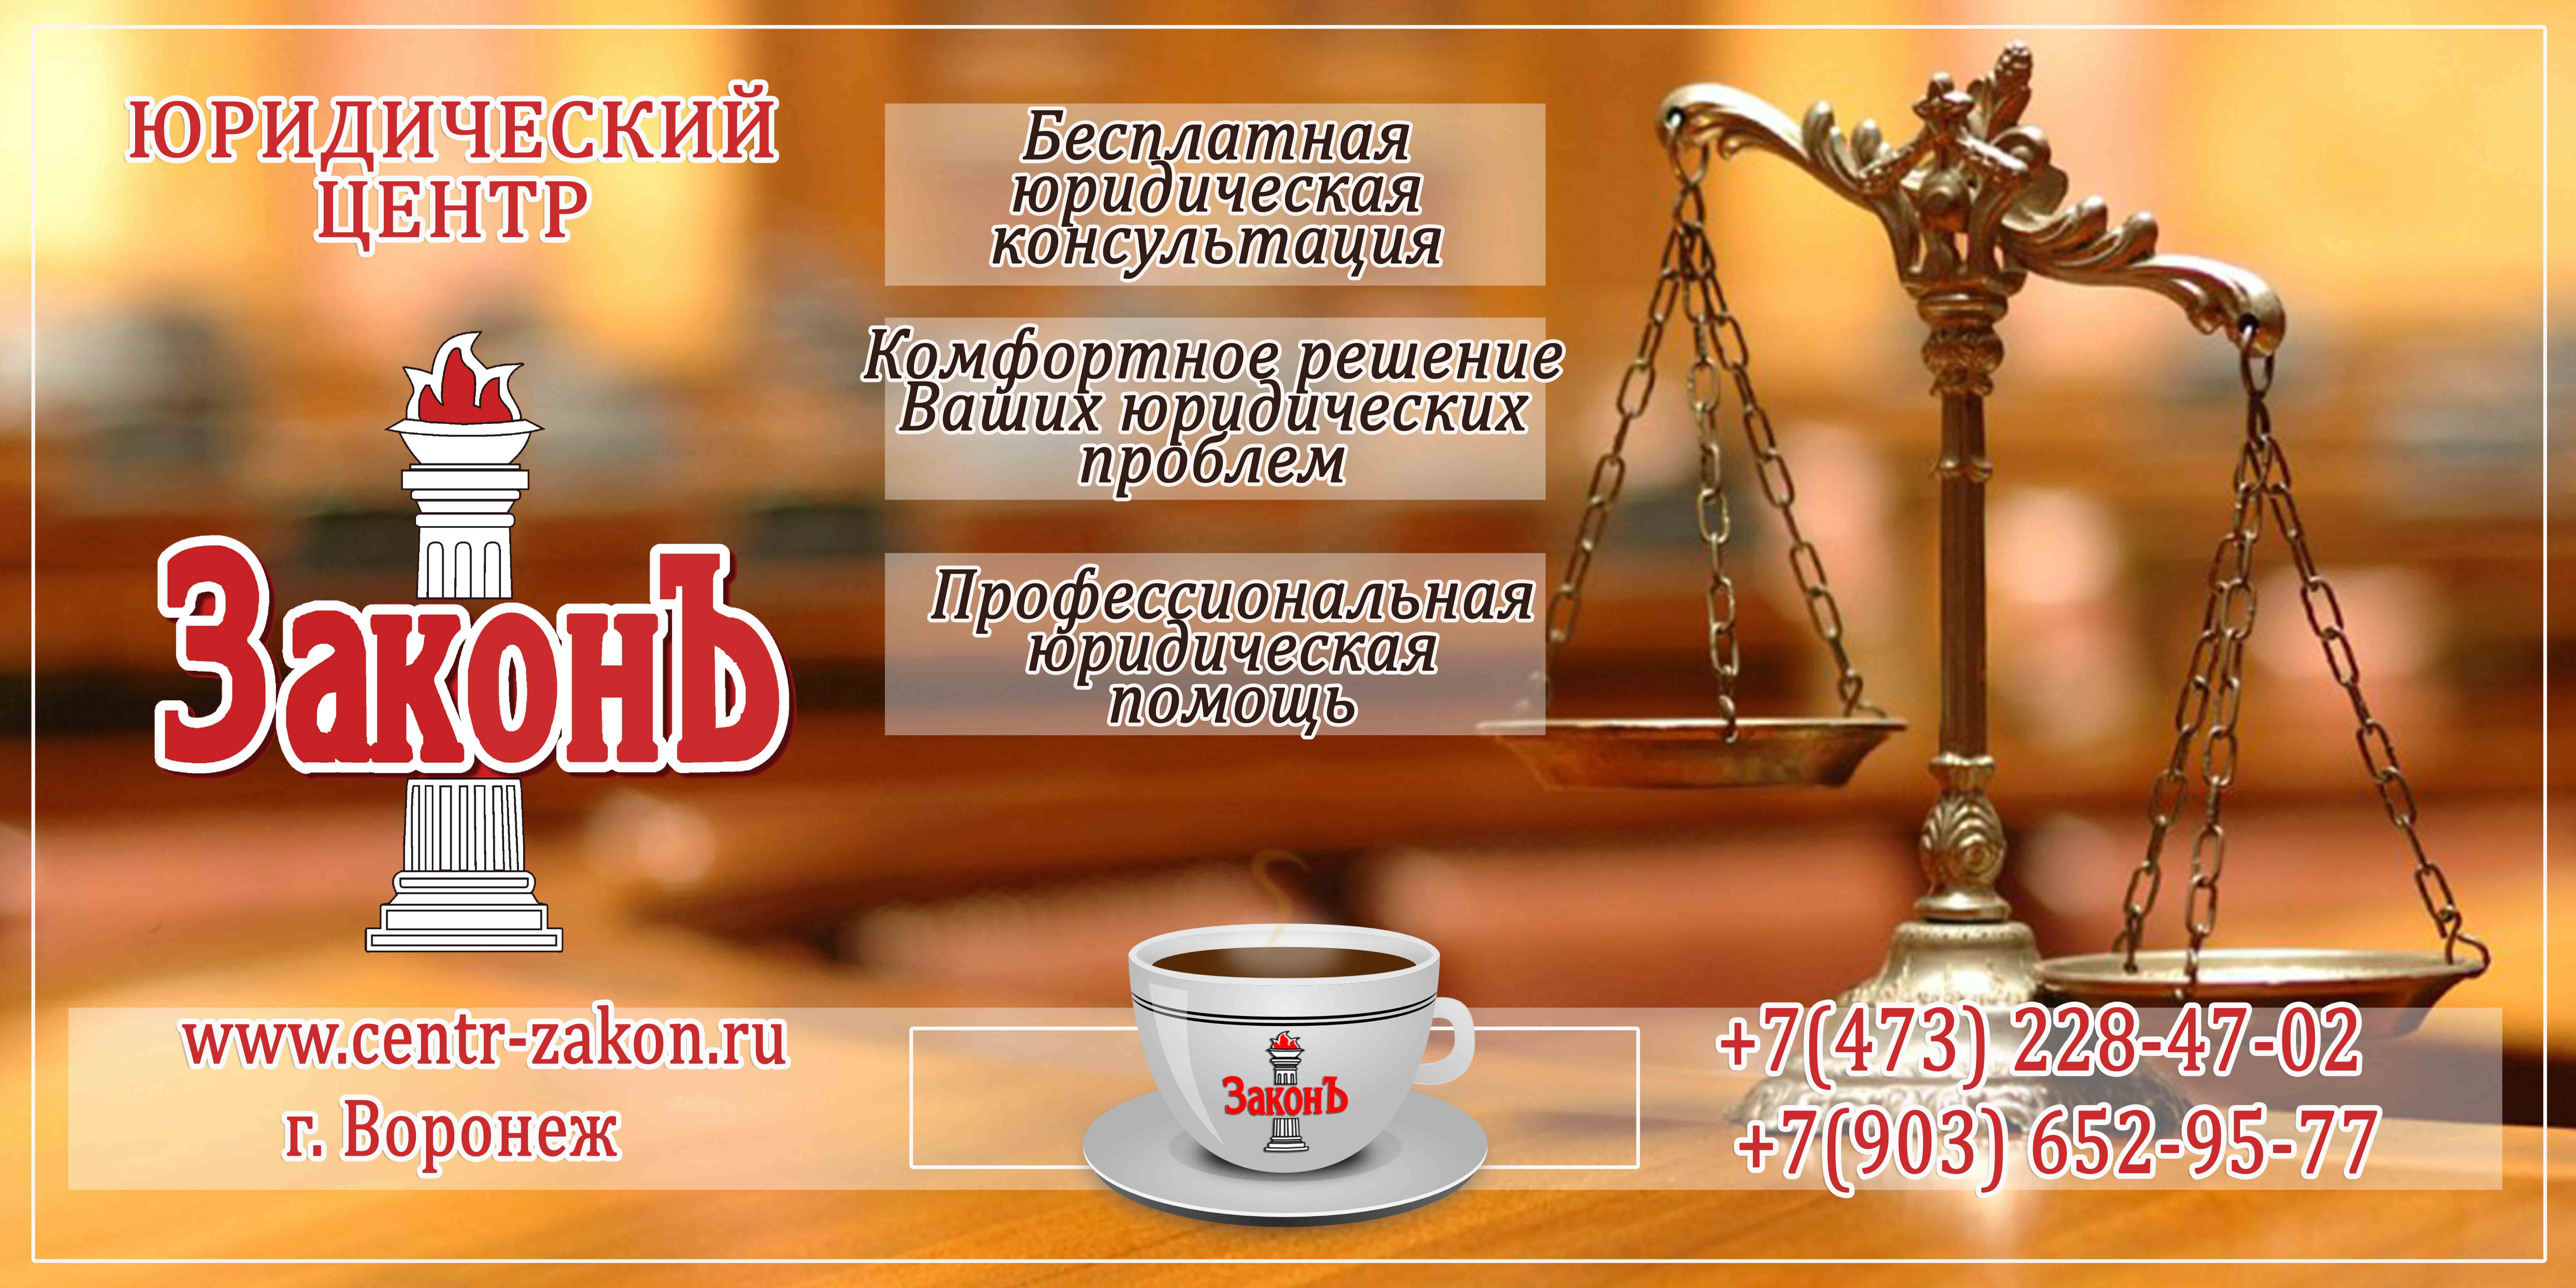 раздел имущества при разводе консультация юристов